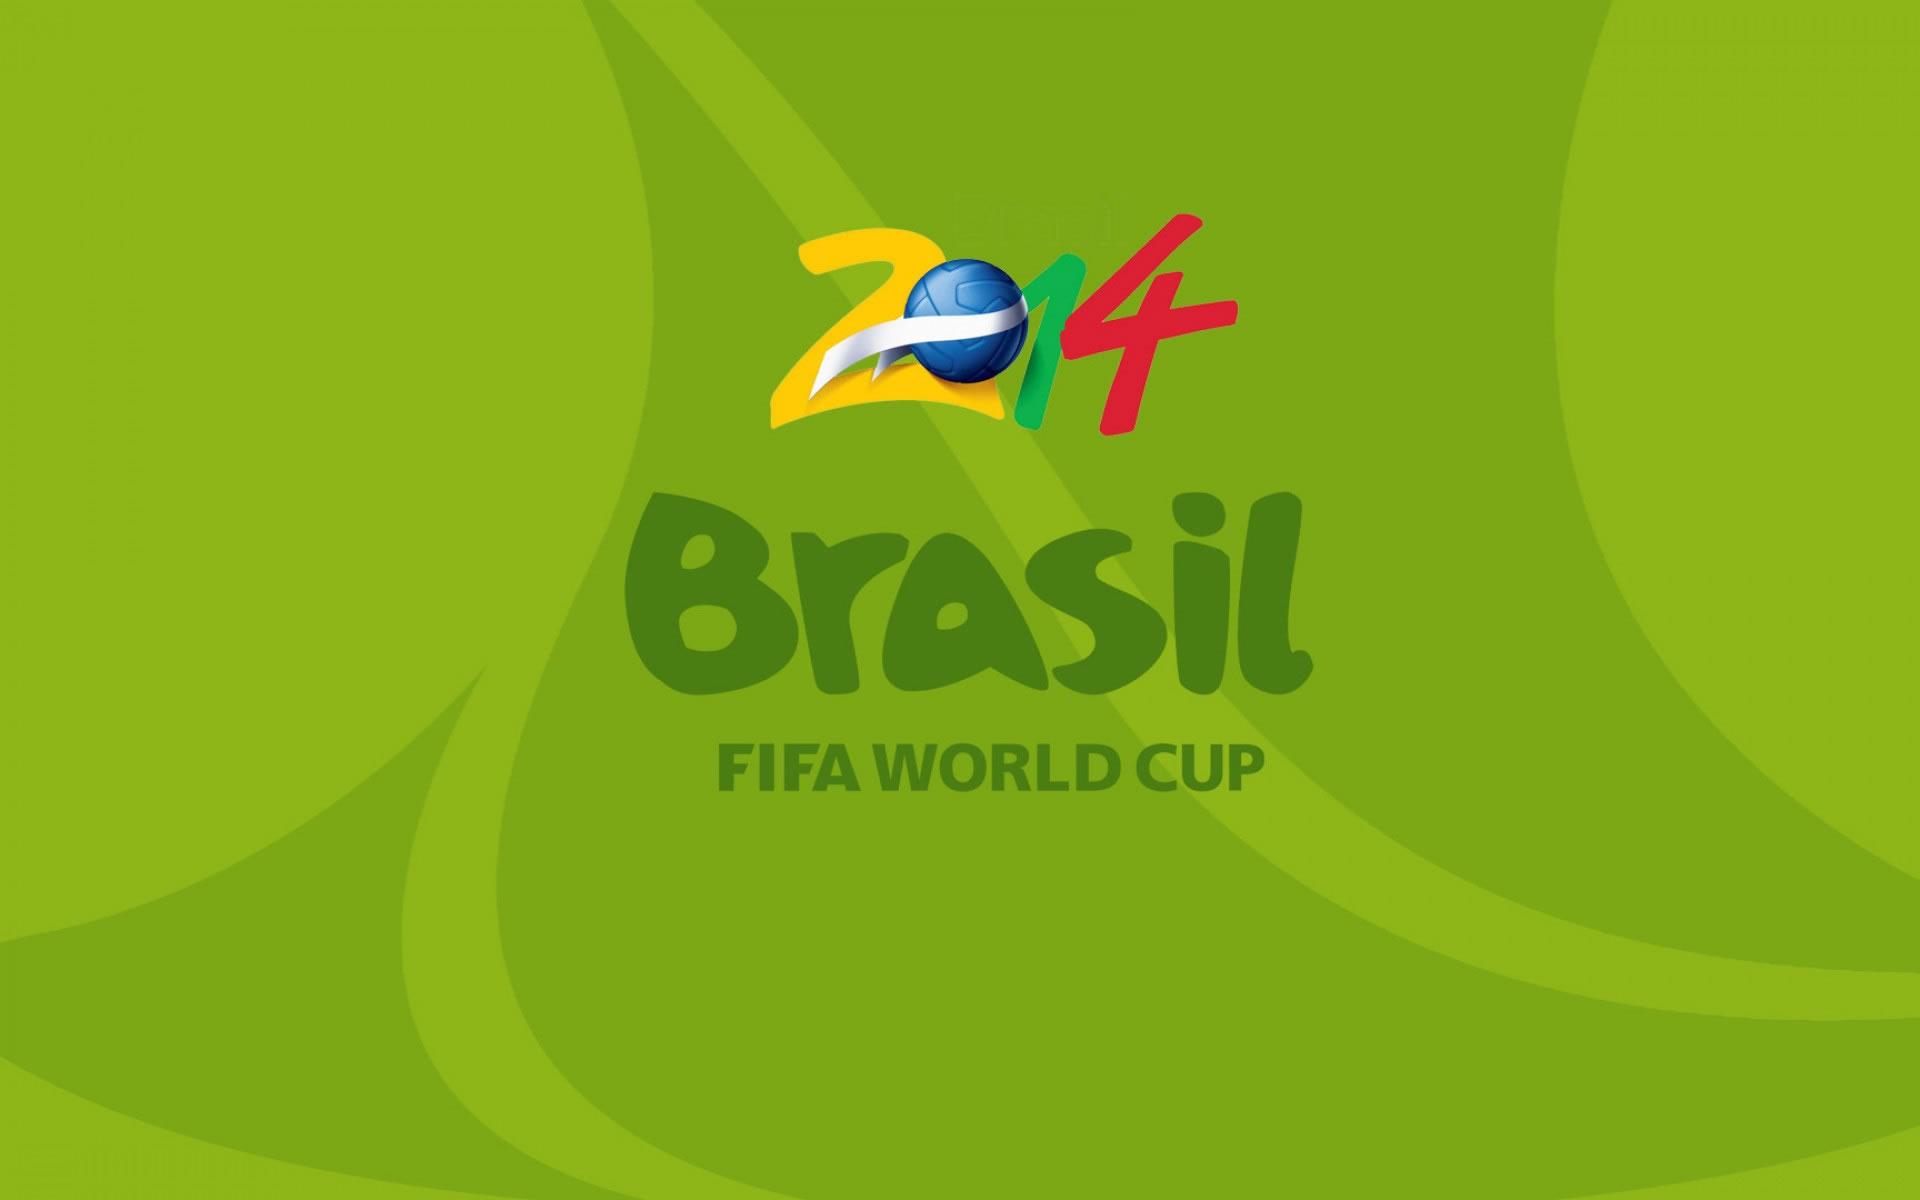 Wallpapers Brasil 2014